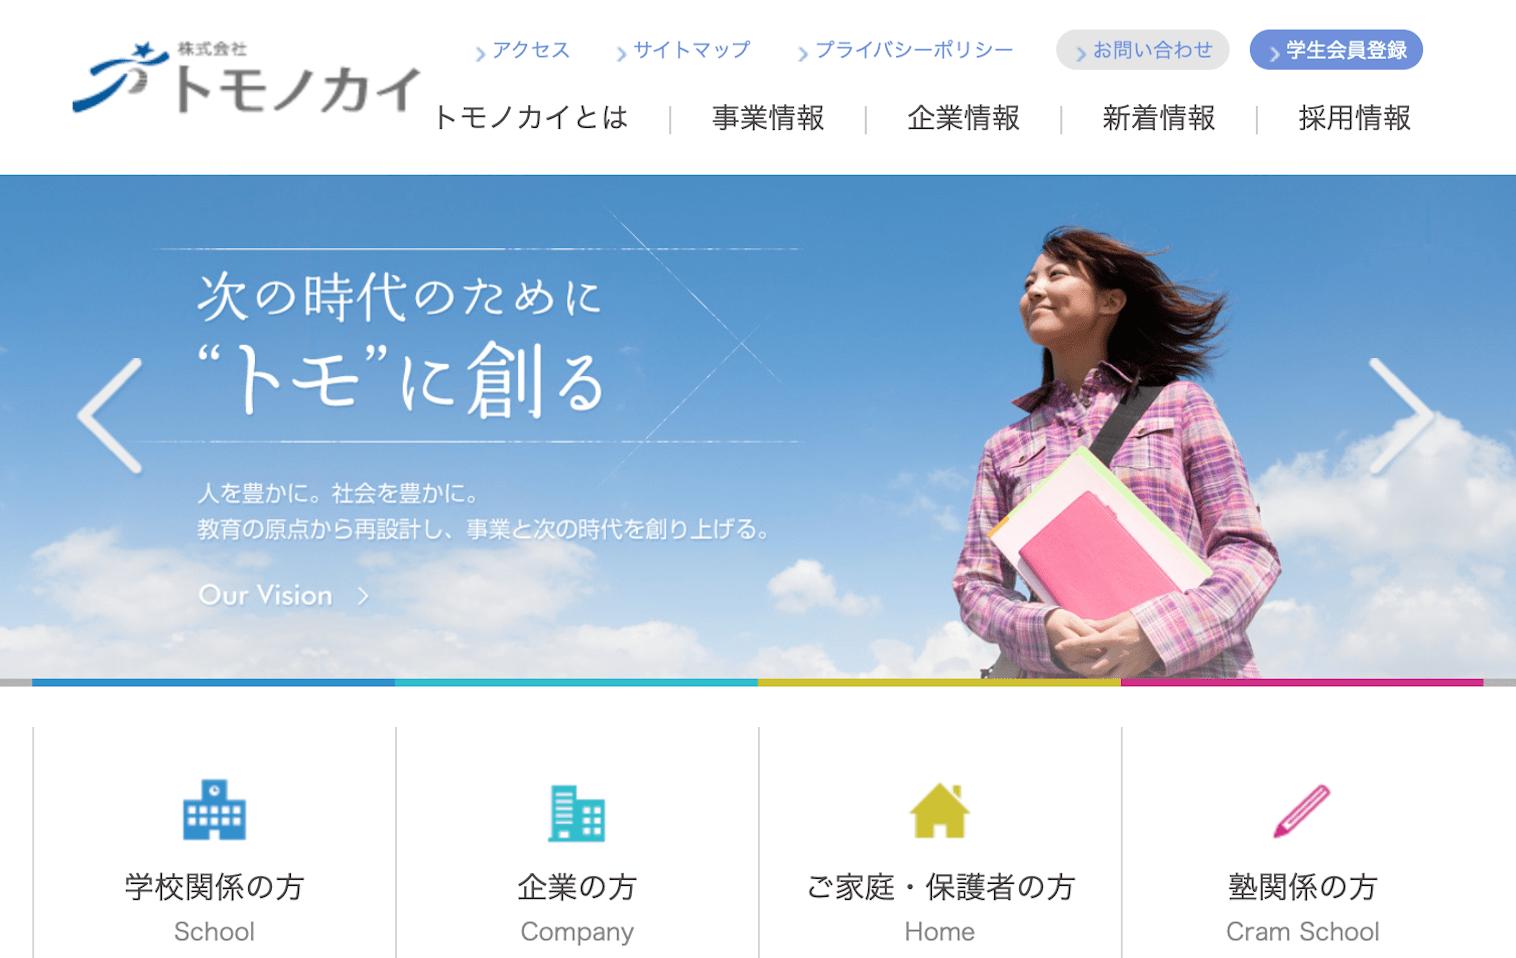 thumnail:株式会社トモノカイさまウェブサイト